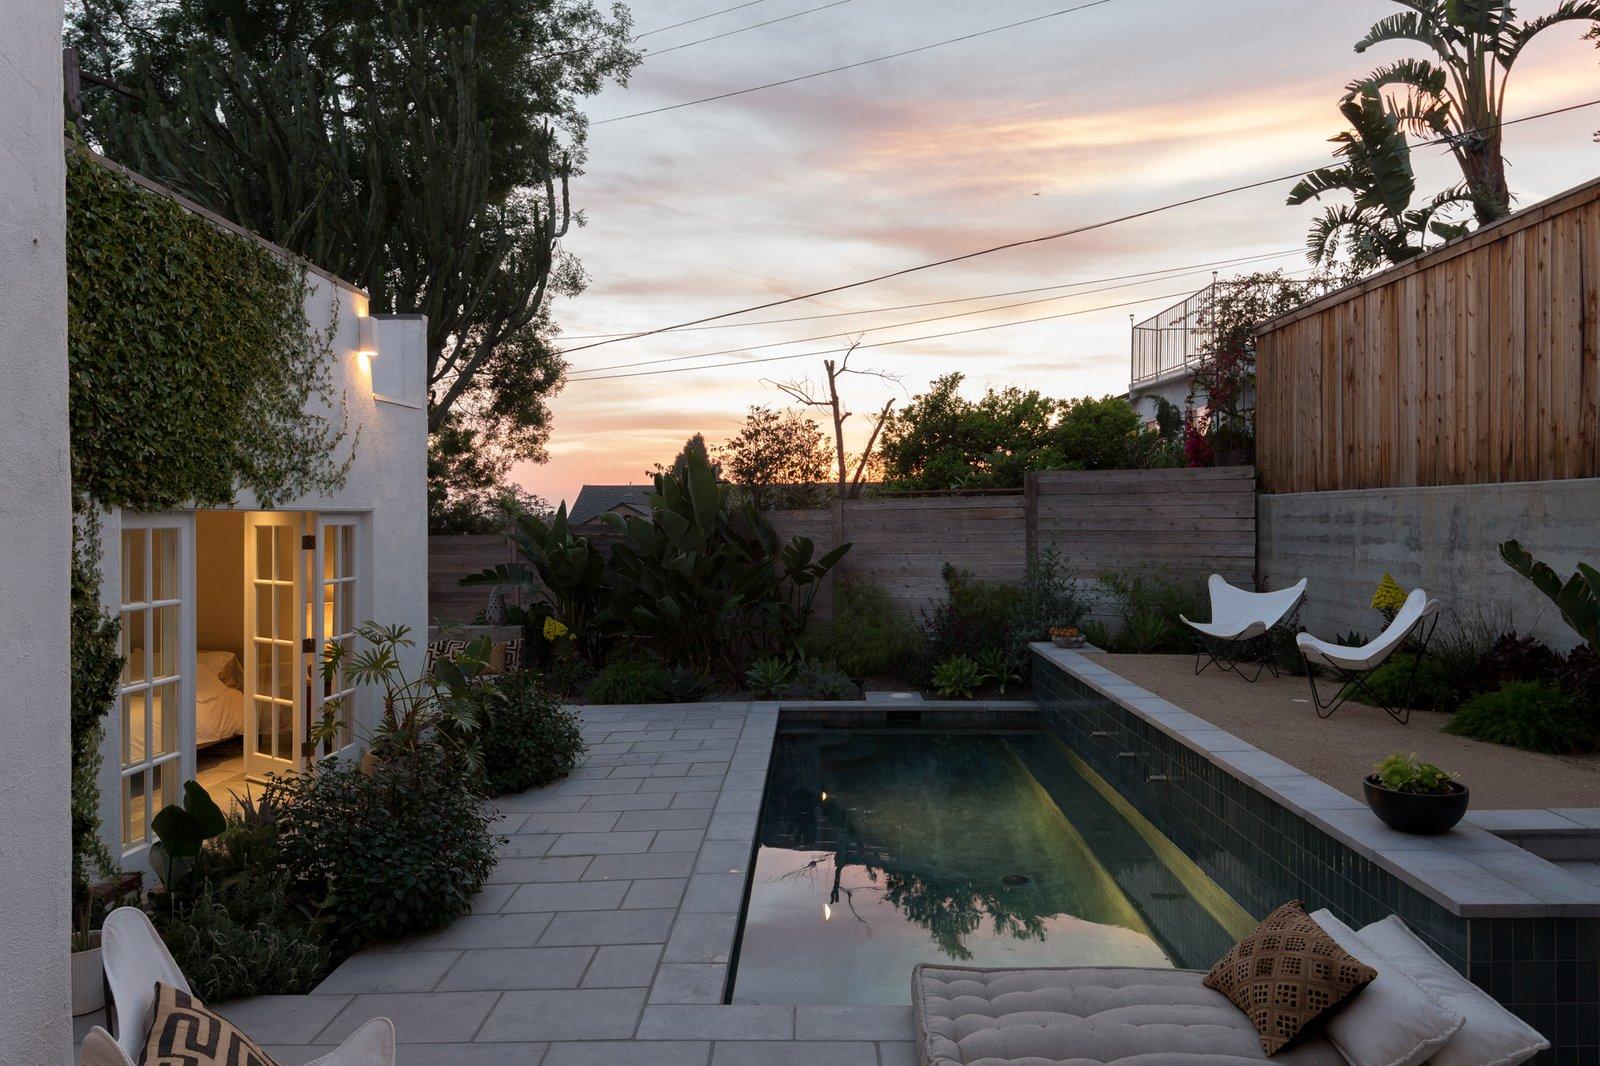 A Kinfolk Inspired Remodel Coming Soon in Los Feliz - Photo 5 of 5